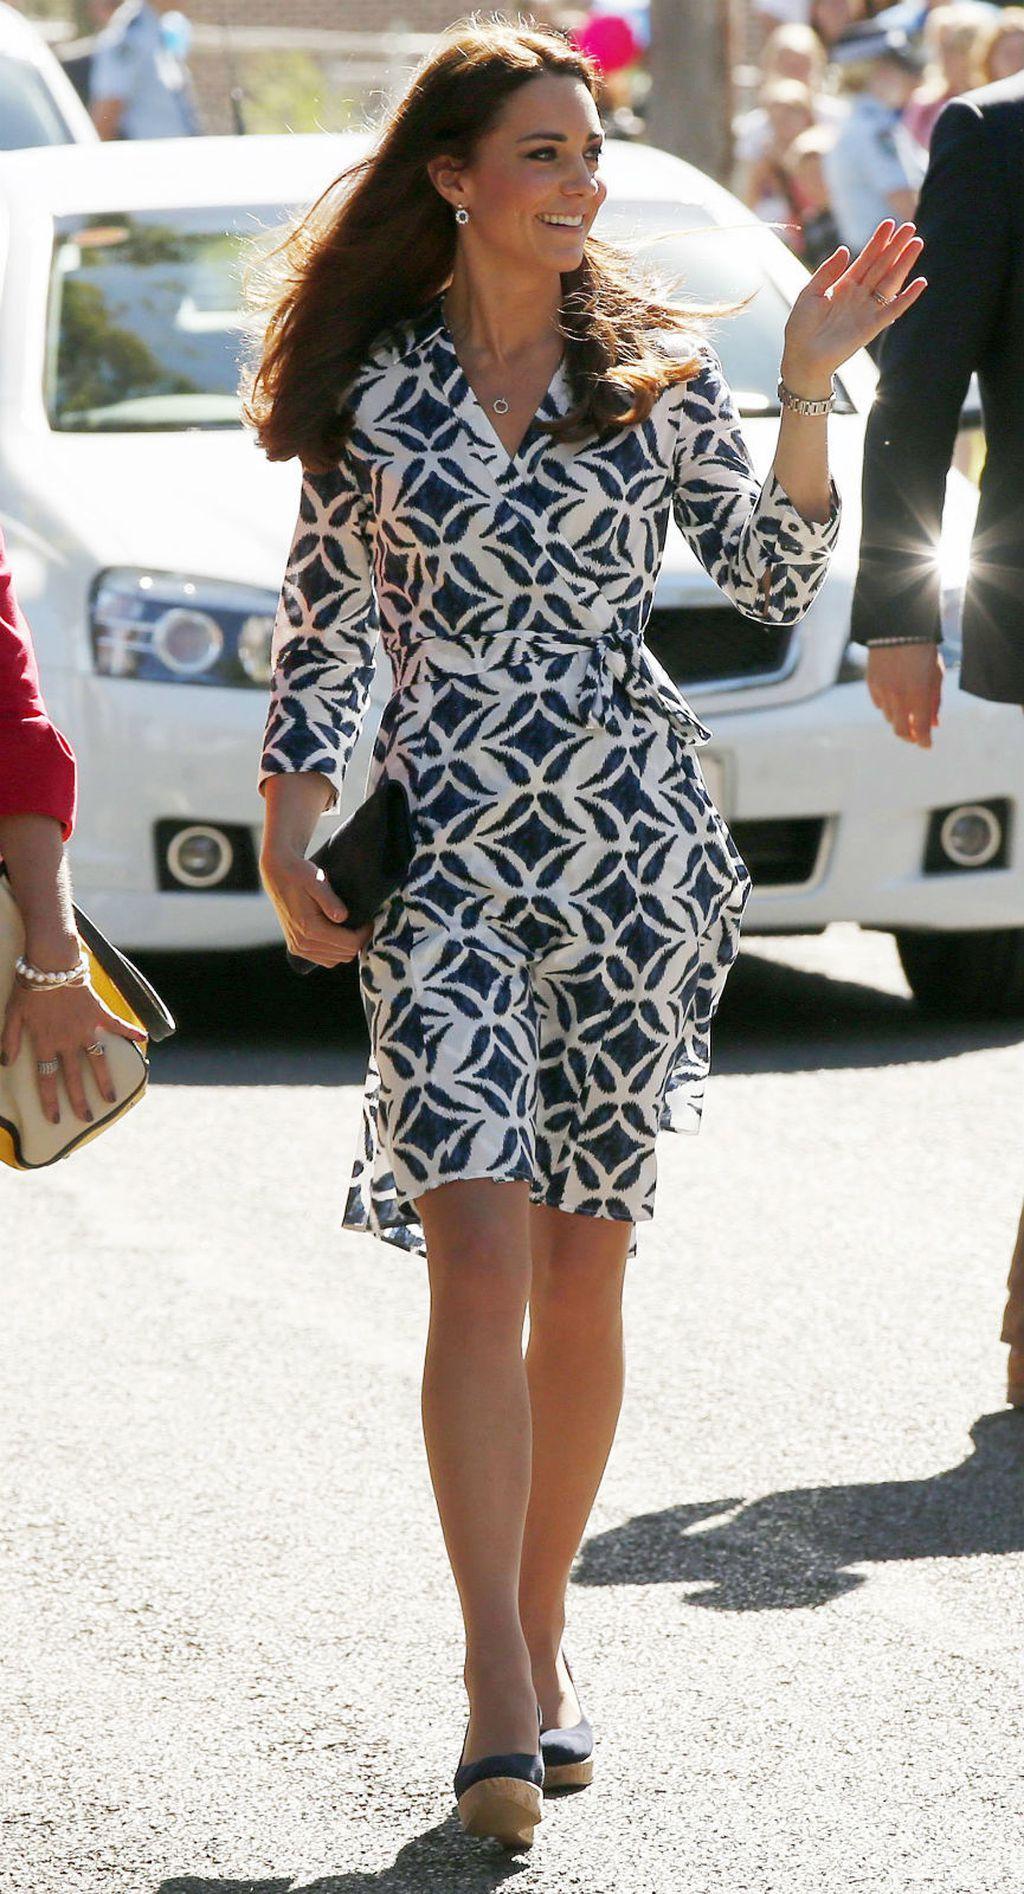 Haljina koja stoji ženama svih konfekcijskih brojeva - 2